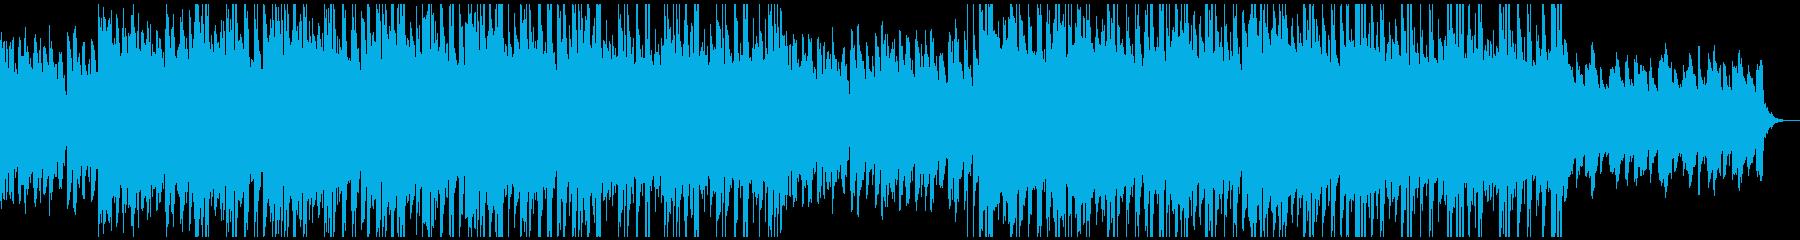 ゆったりまったりHipHop その2の再生済みの波形